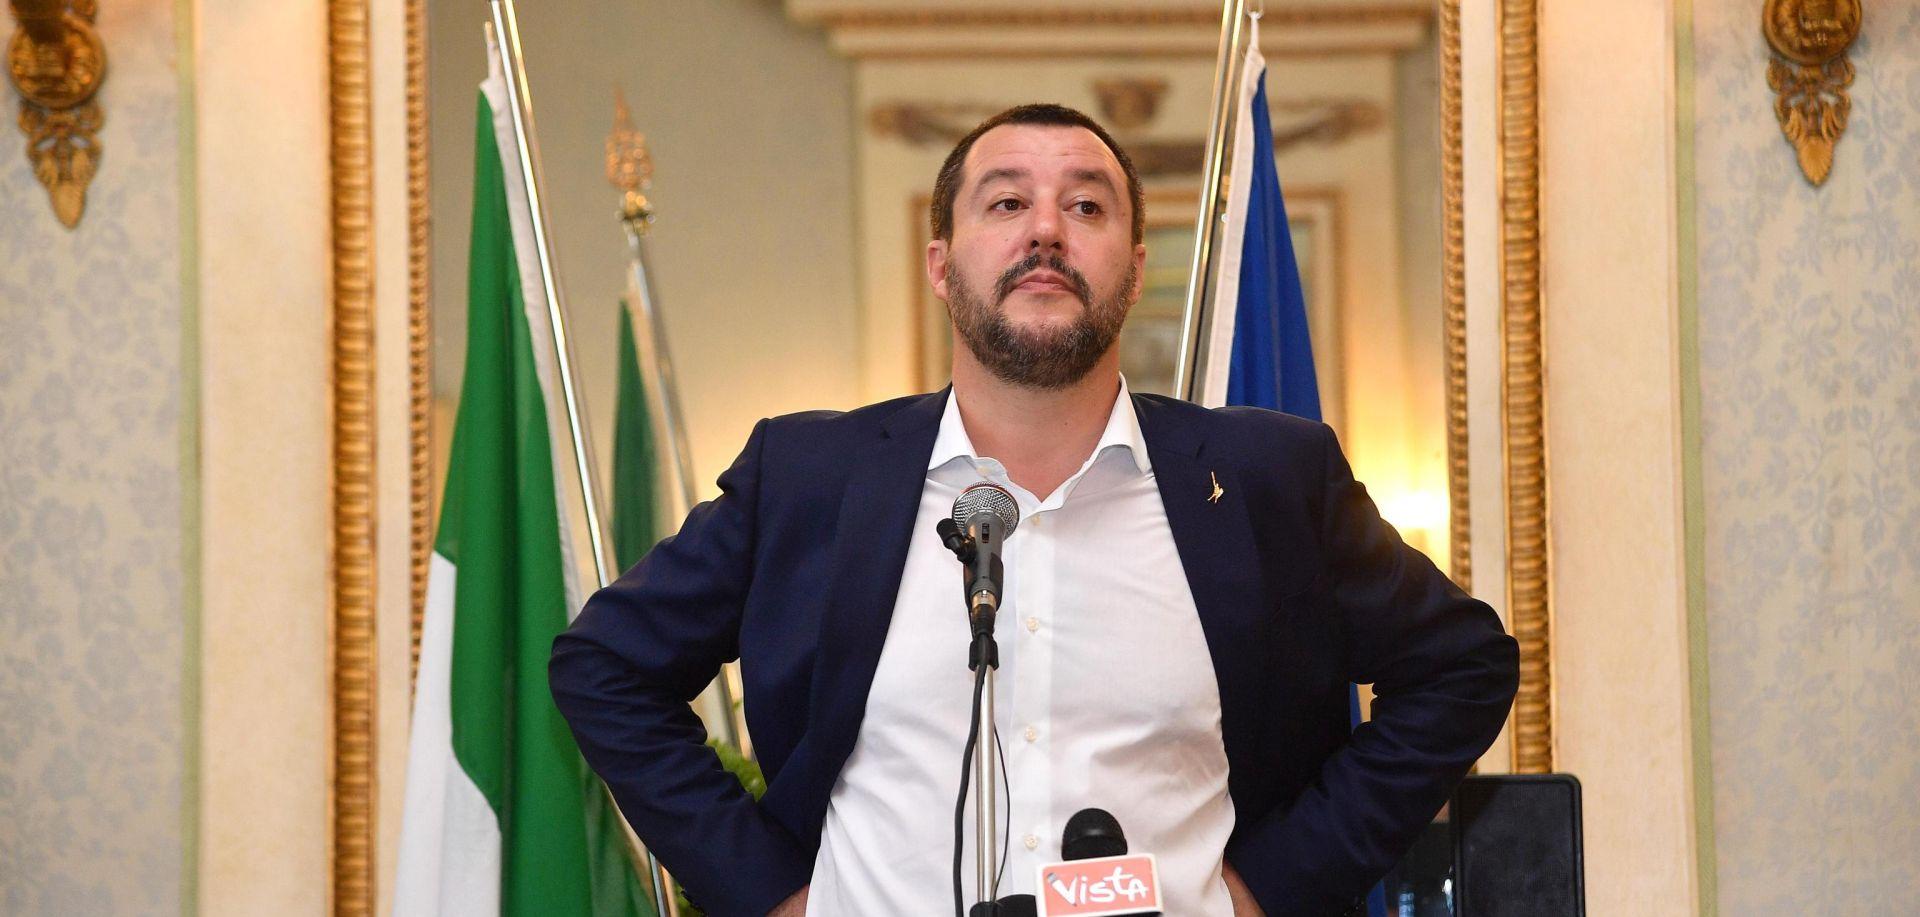 Salvinijeva Liga će vratiti pronevjereni novac na rate